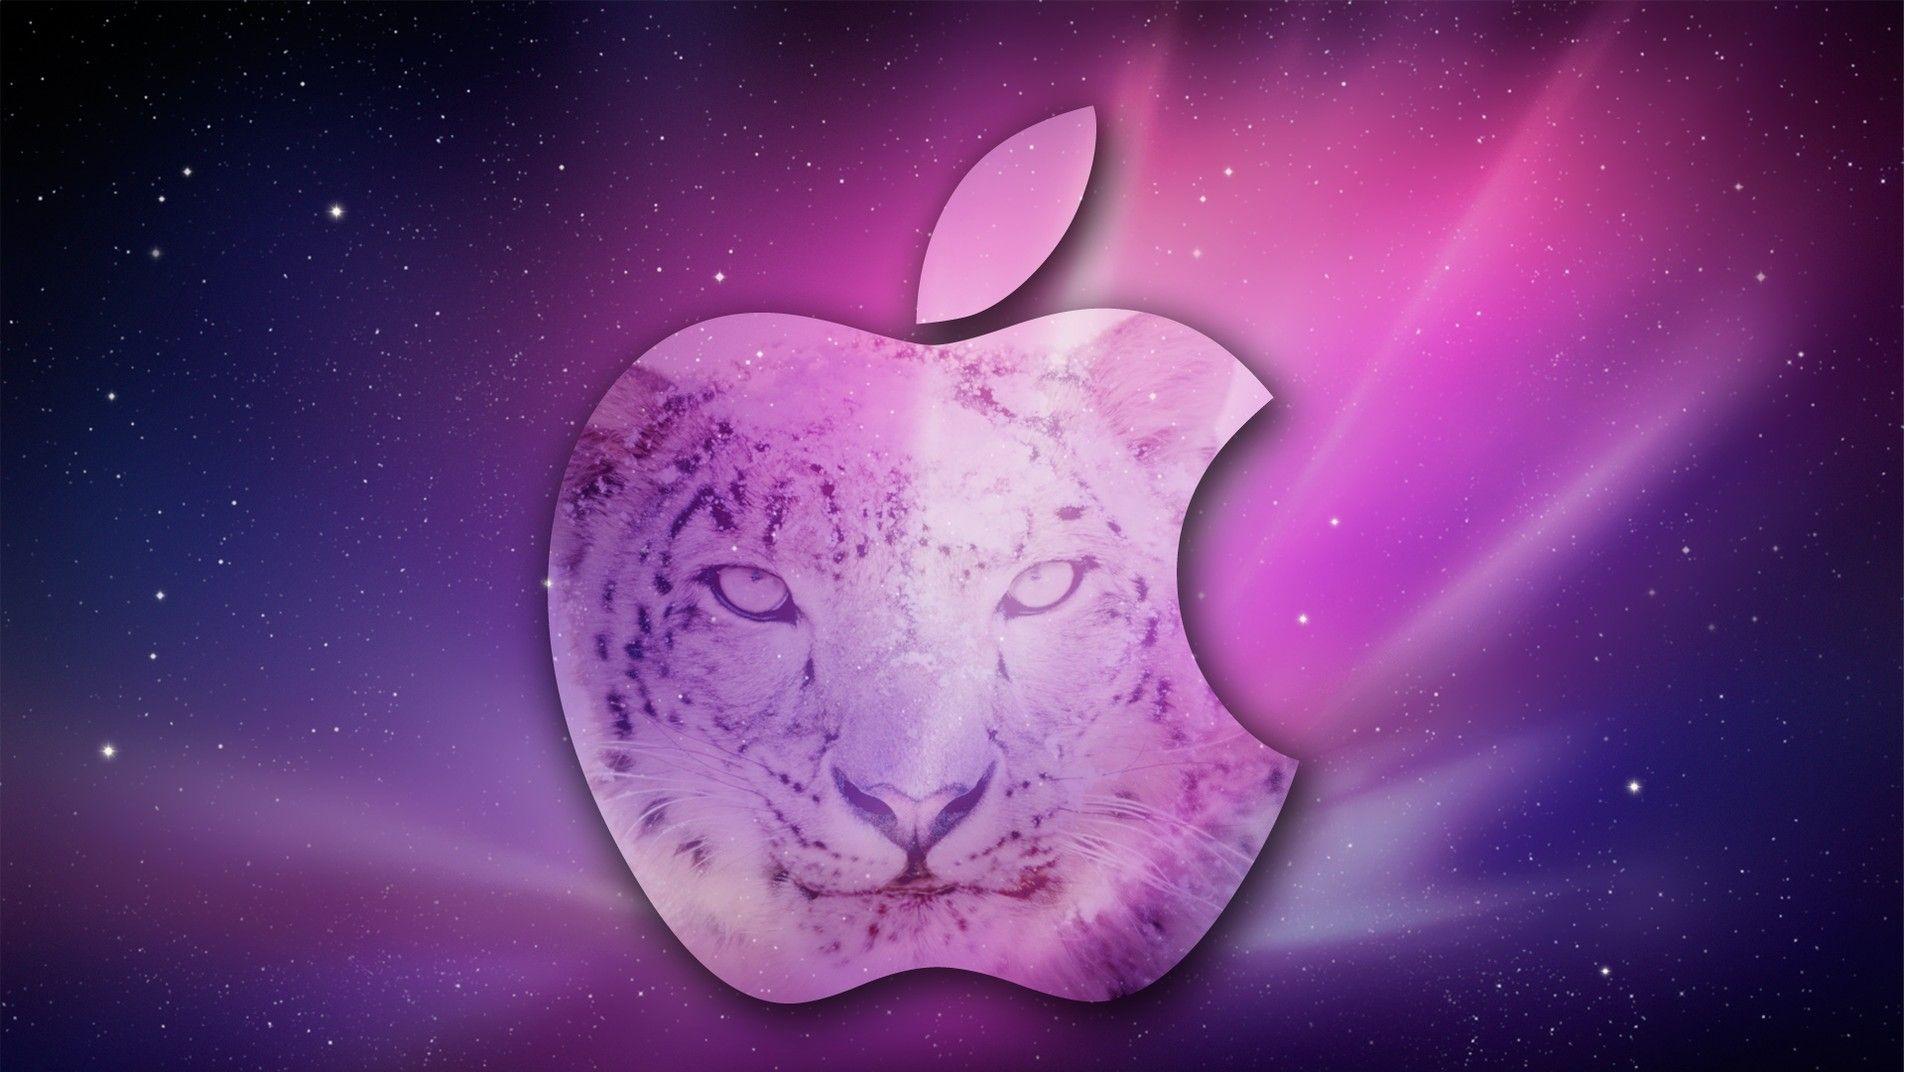 Applewallpaperhddesktop156 Mac Wall paper